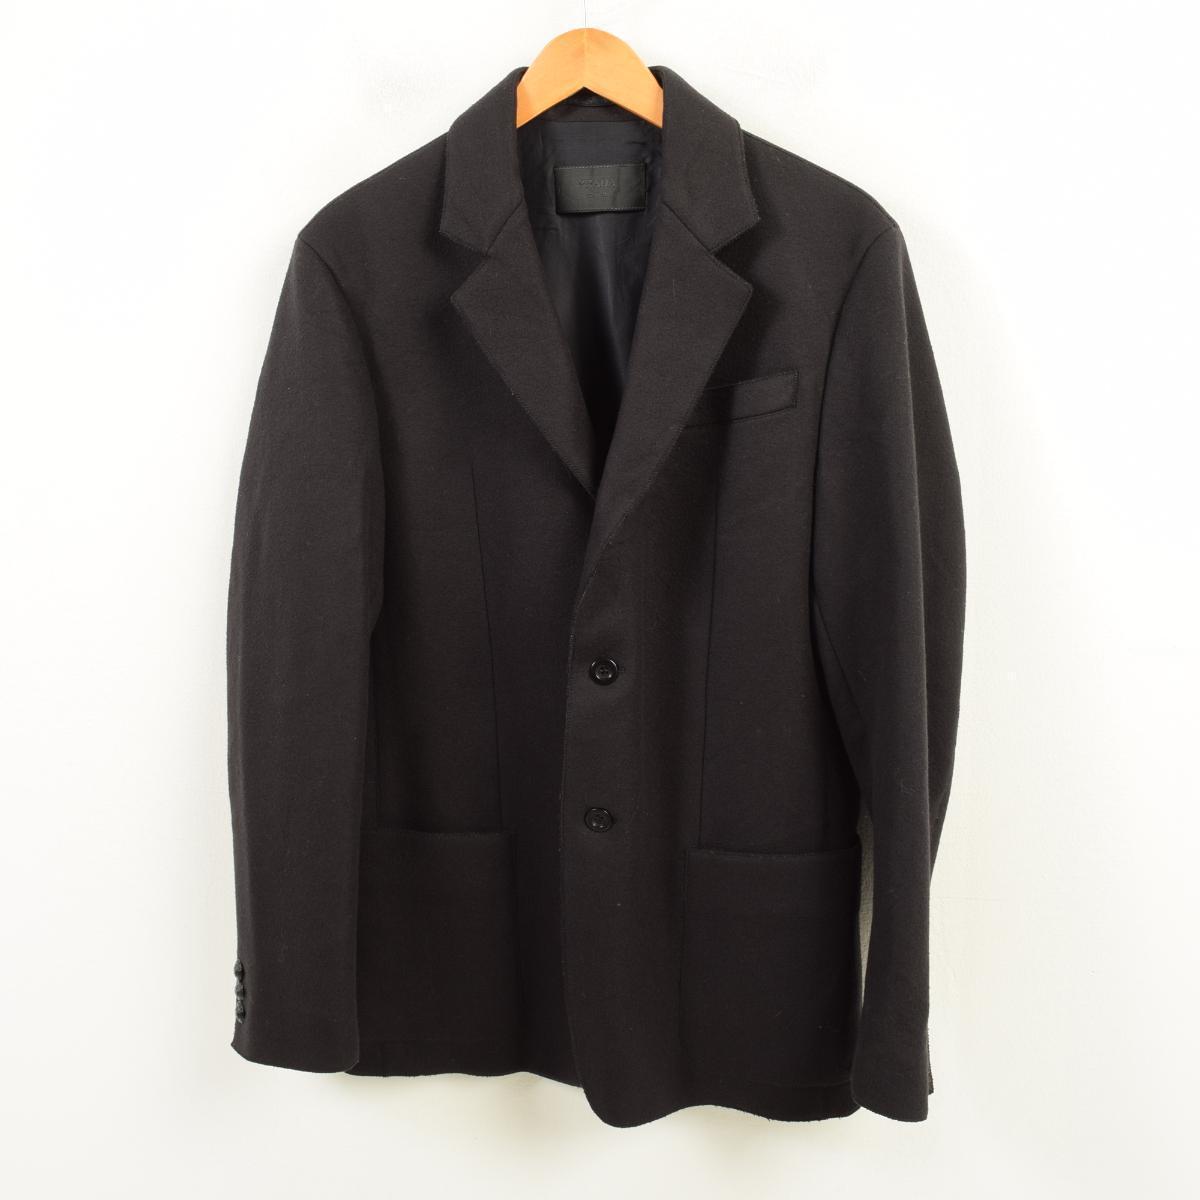 プラダ PRADA ウールテーラードジャケット 48 メンズL /wax5592 【中古】 【181016】【SVTG】